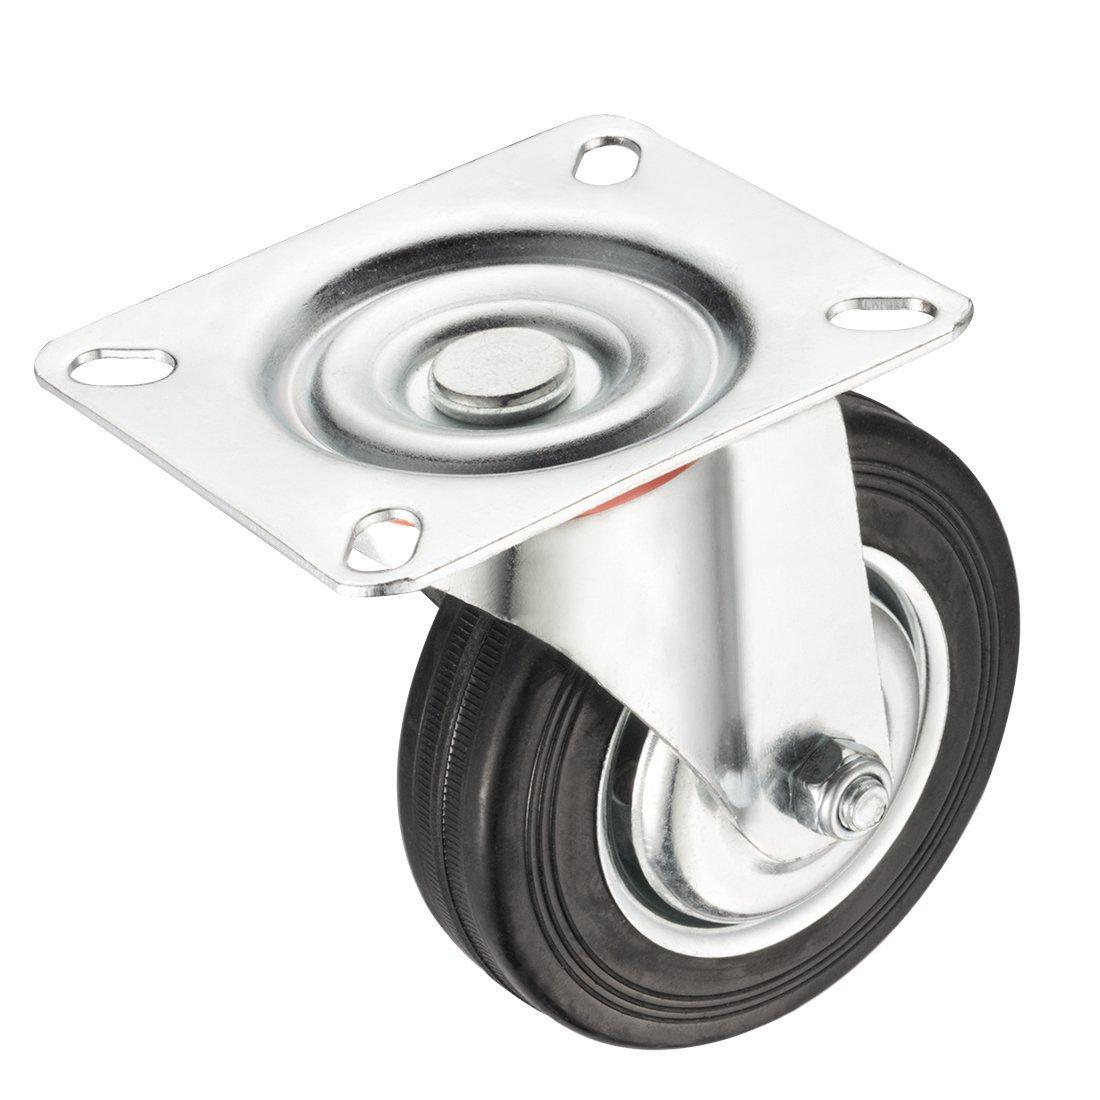 eDealMax 4 pulgadas de goma giratoria de la rueda, de 360 grados Plate Top, 154 lbs. Capacidad de carga: Amazon.com: Industrial & Scientific